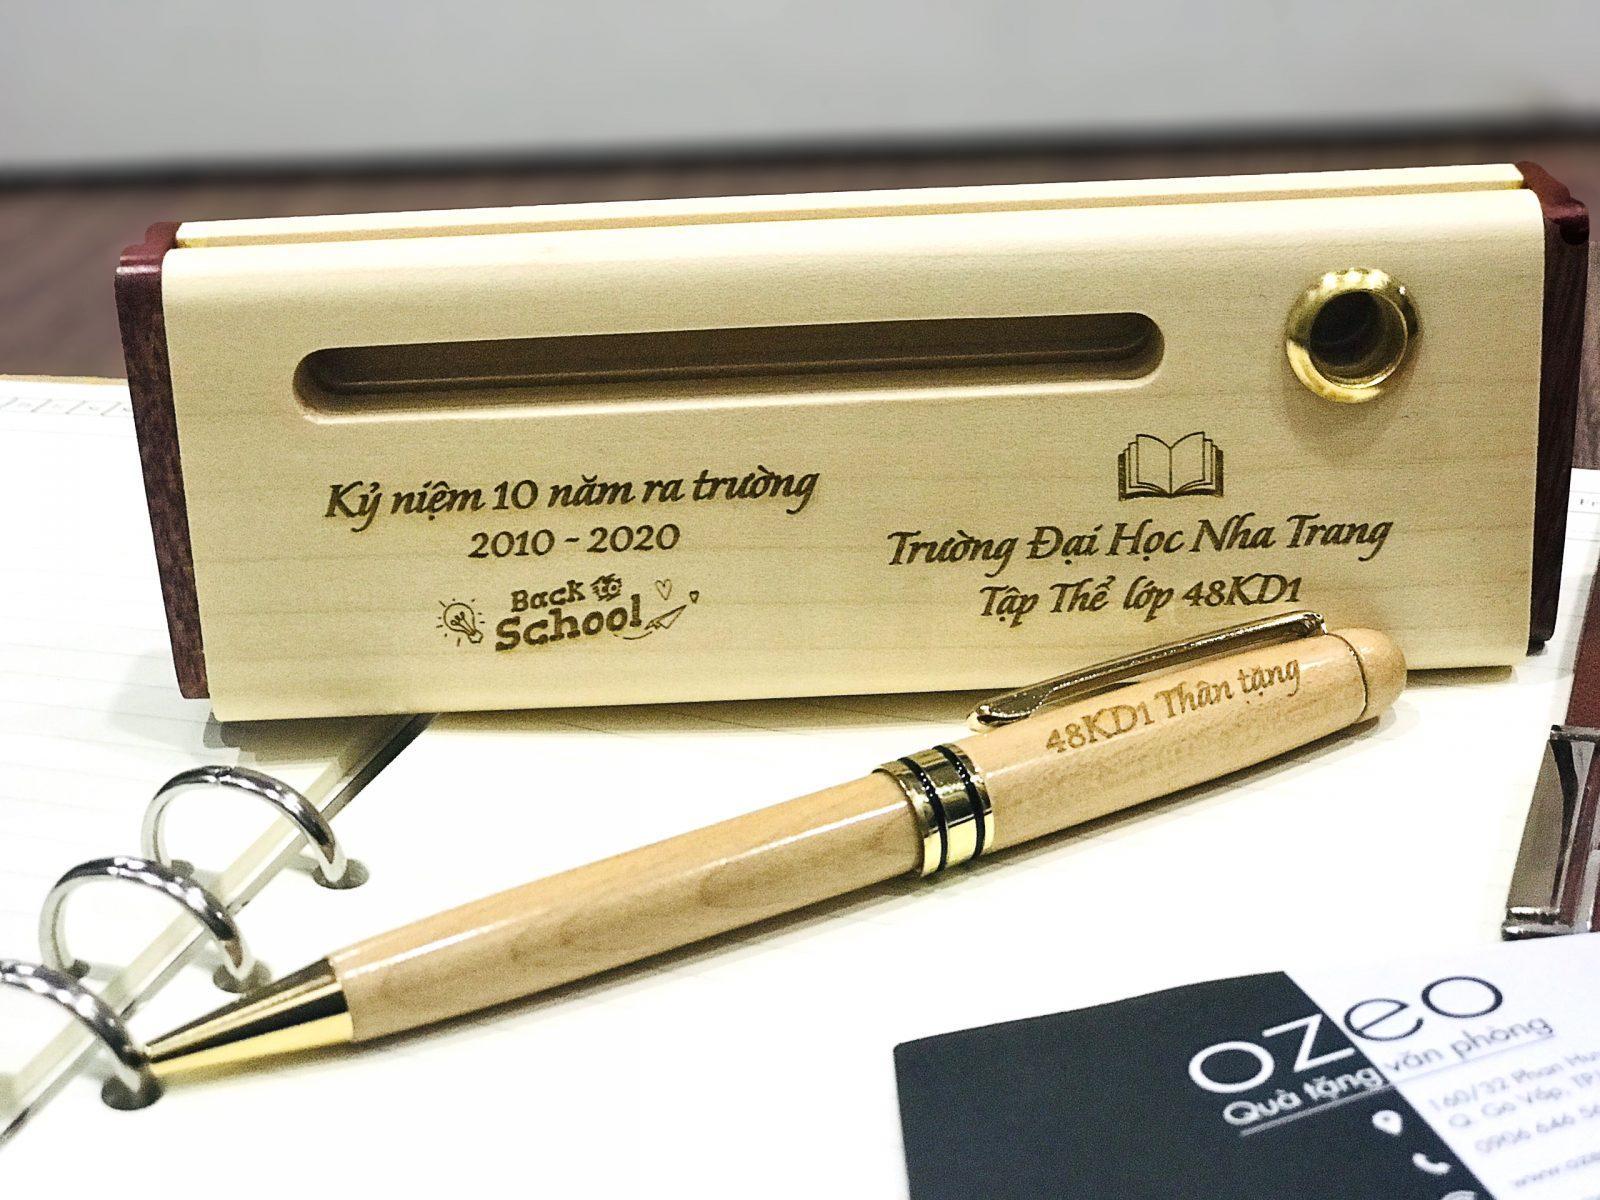 Bộ bút gỗ khắc tên, khắc chữ làm quà tặng thầy cô, quà tặng họp lớp